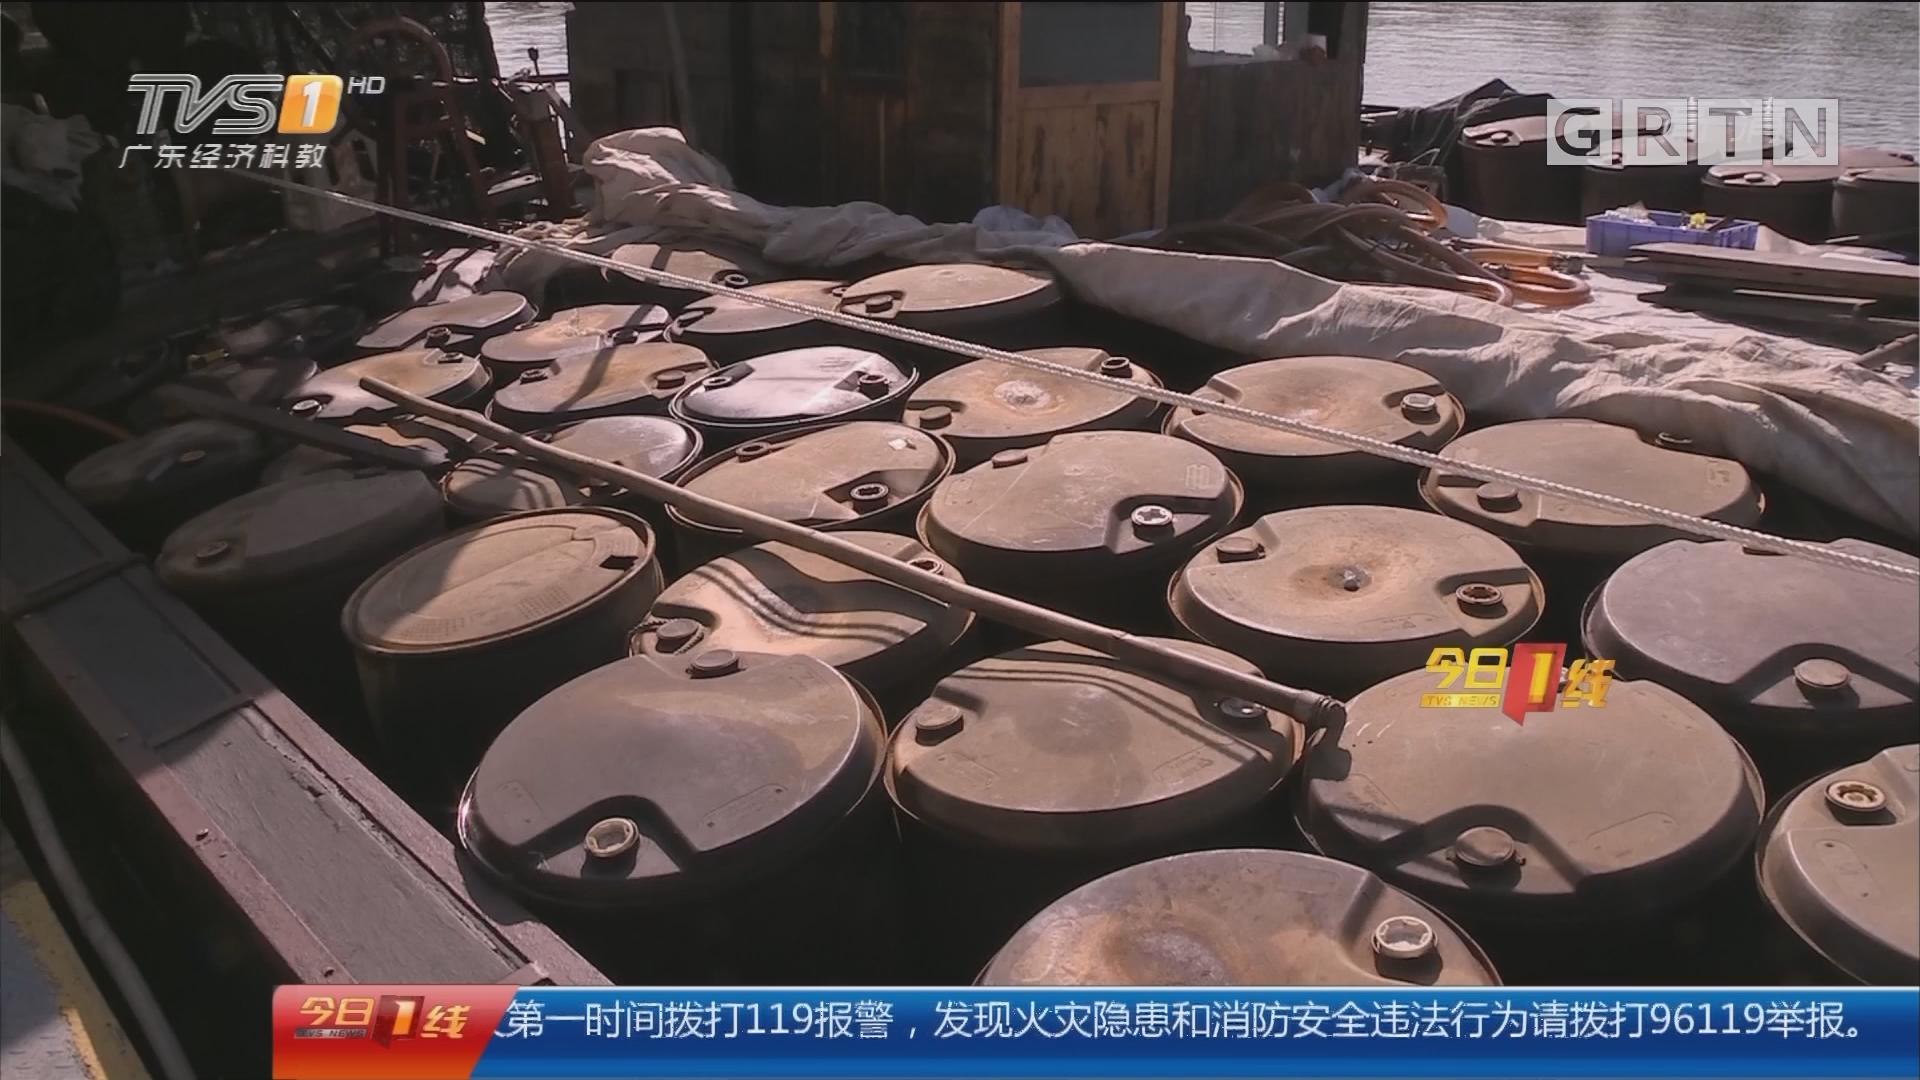 佛山顺德:盗油团伙拒捕 装备燃烧瓶